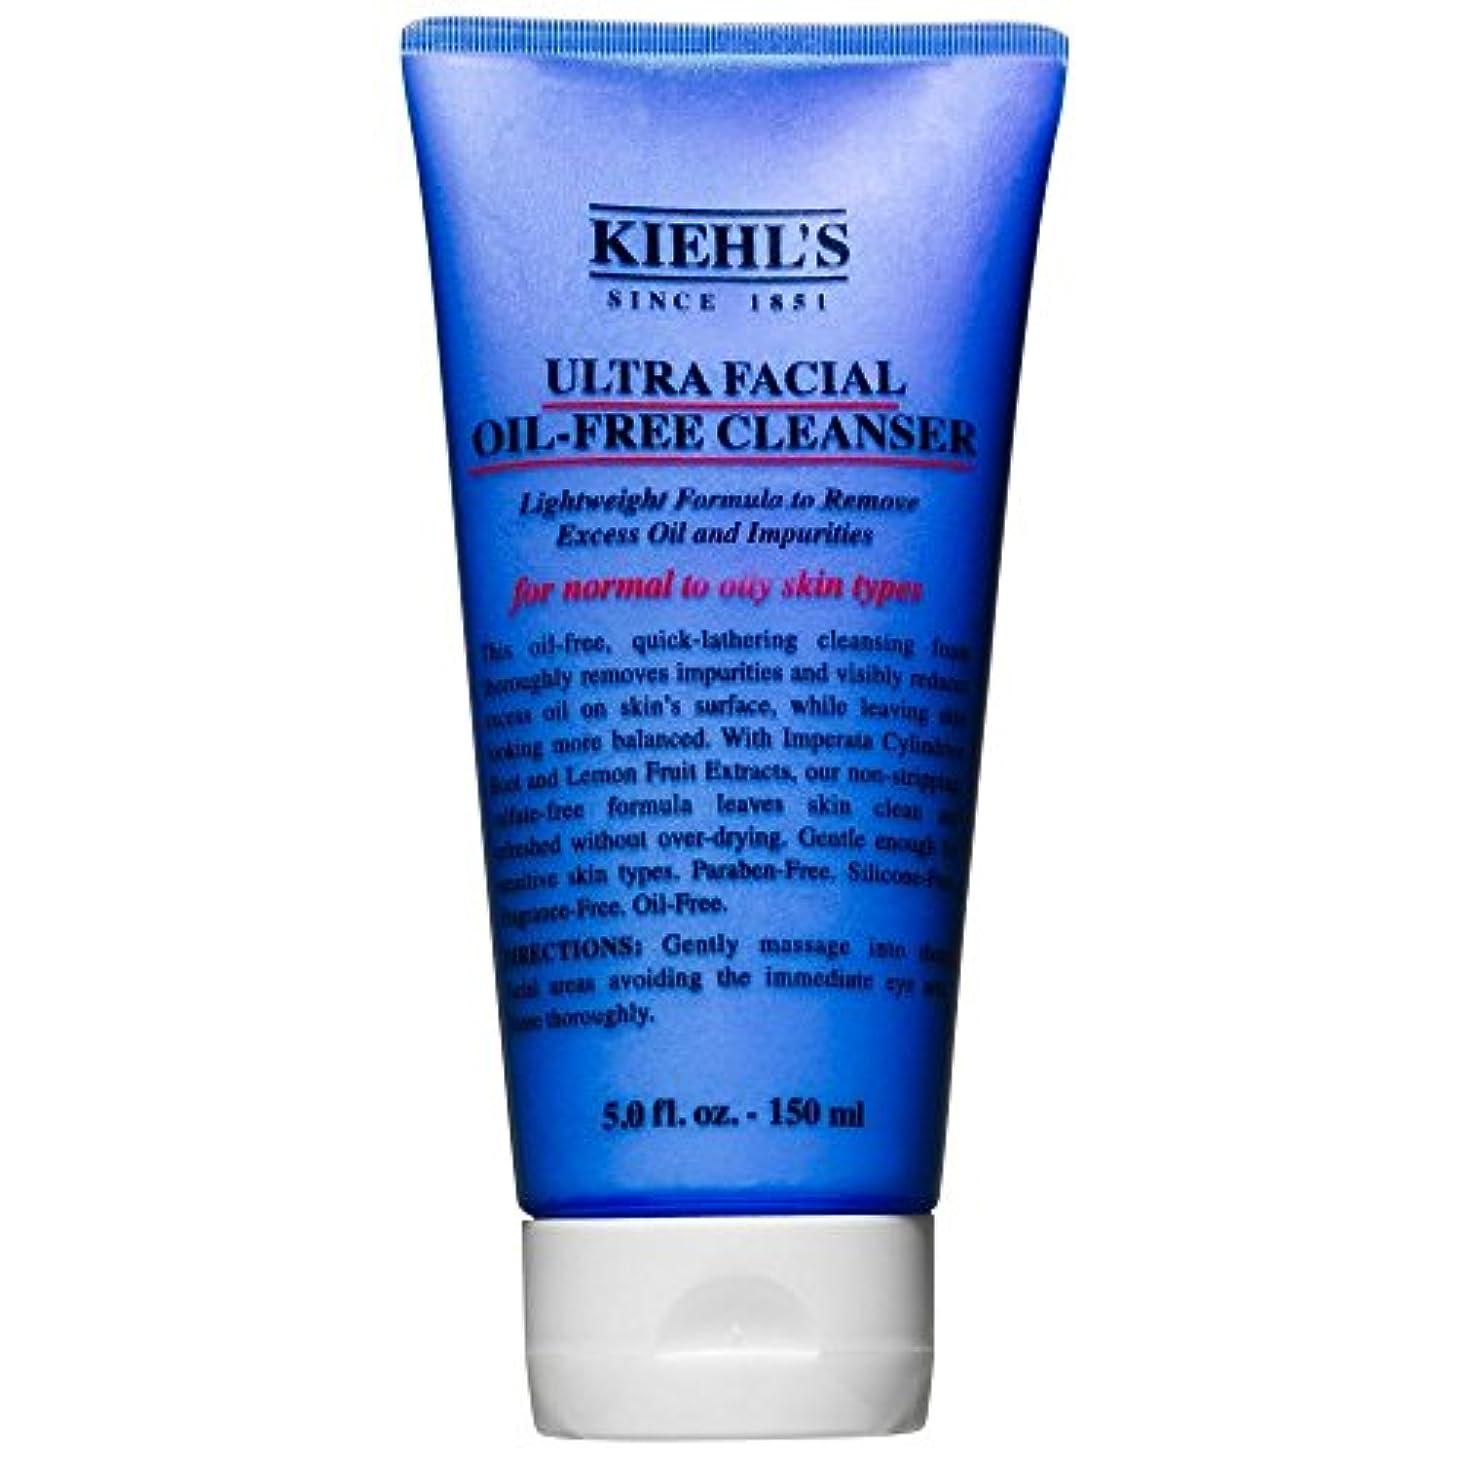 不安報奨金葉を集める[Kiehl's] キールズウルトラフェイシャルオイルフリークレンザー、150ミリリットル - Kiehl's Ultra Facial Oil-Free Cleanser, 150ml [並行輸入品]